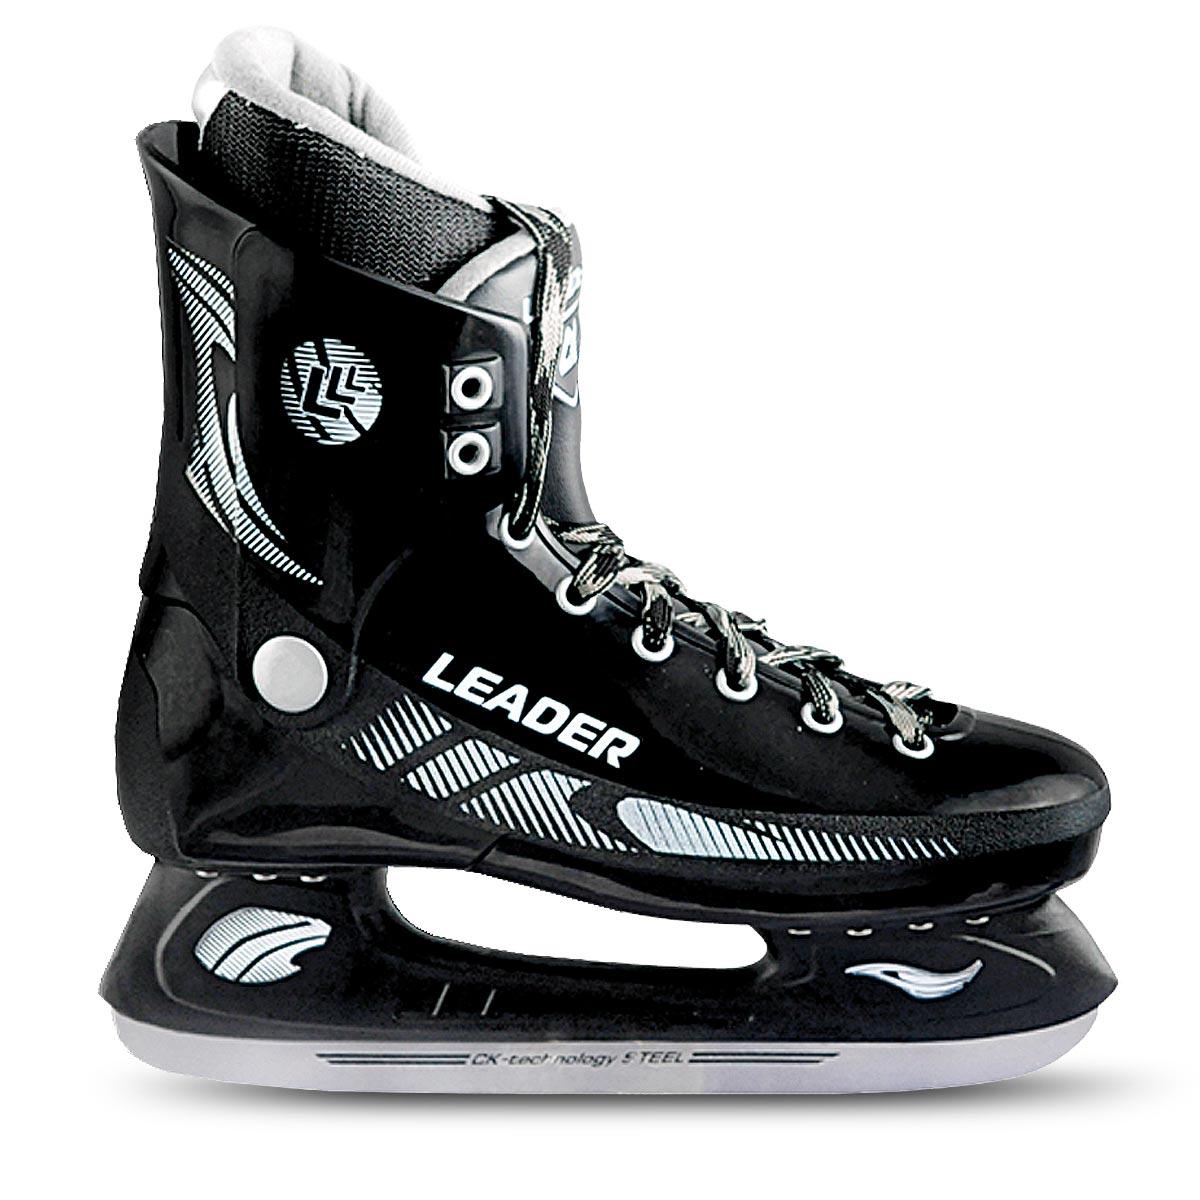 Коньки хоккейные для мальчика СК Leader, цвет: черный. Размер 35LEADER_черный_35Стильные коньки для мальчика от CK Leader с ударопрочной защитной конструкцией прекрасно подойдут для начинающих игроков в хоккей. Ботинки изготовлены из морозостойкого пластика, который защитит ноги от ударов. Верх изделия оформлен шнуровкой, которая надежно фиксируют голеностоп. Внутренний сапожок, выполненный из комбинации капровелюра и искусственной кожи, обеспечит тепло и комфорт во время катания. Подкладка и стелька исполнены из текстиля. Голеностоп имеет удобный суппорт. Усиленная двухстаканная рама с одной из боковых сторон коньки декорирована принтом, а на язычке - тиснением в виде логотипа бренда.Подошва - из твердого ПВХ. Фигурное лезвие изготовлено из легированной стали со специальным покрытием, придающим дополнительную прочность. Стильные коньки придутся по душе вашему ребенку.